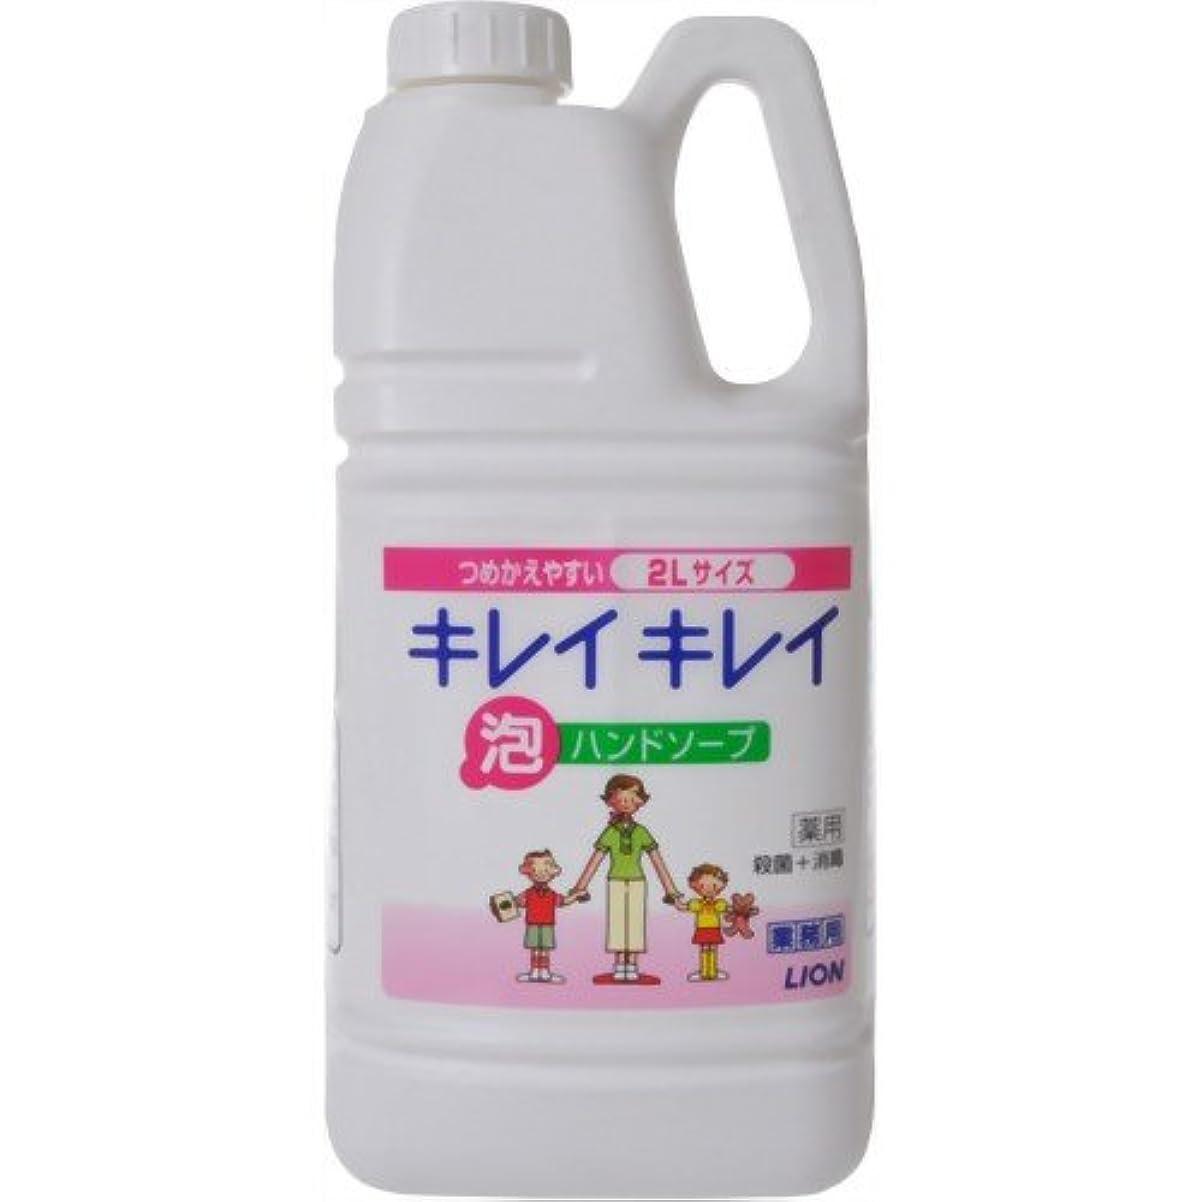 参照する好ましい競争キレイキレイ薬用泡ハンドソープ2L(業務用)